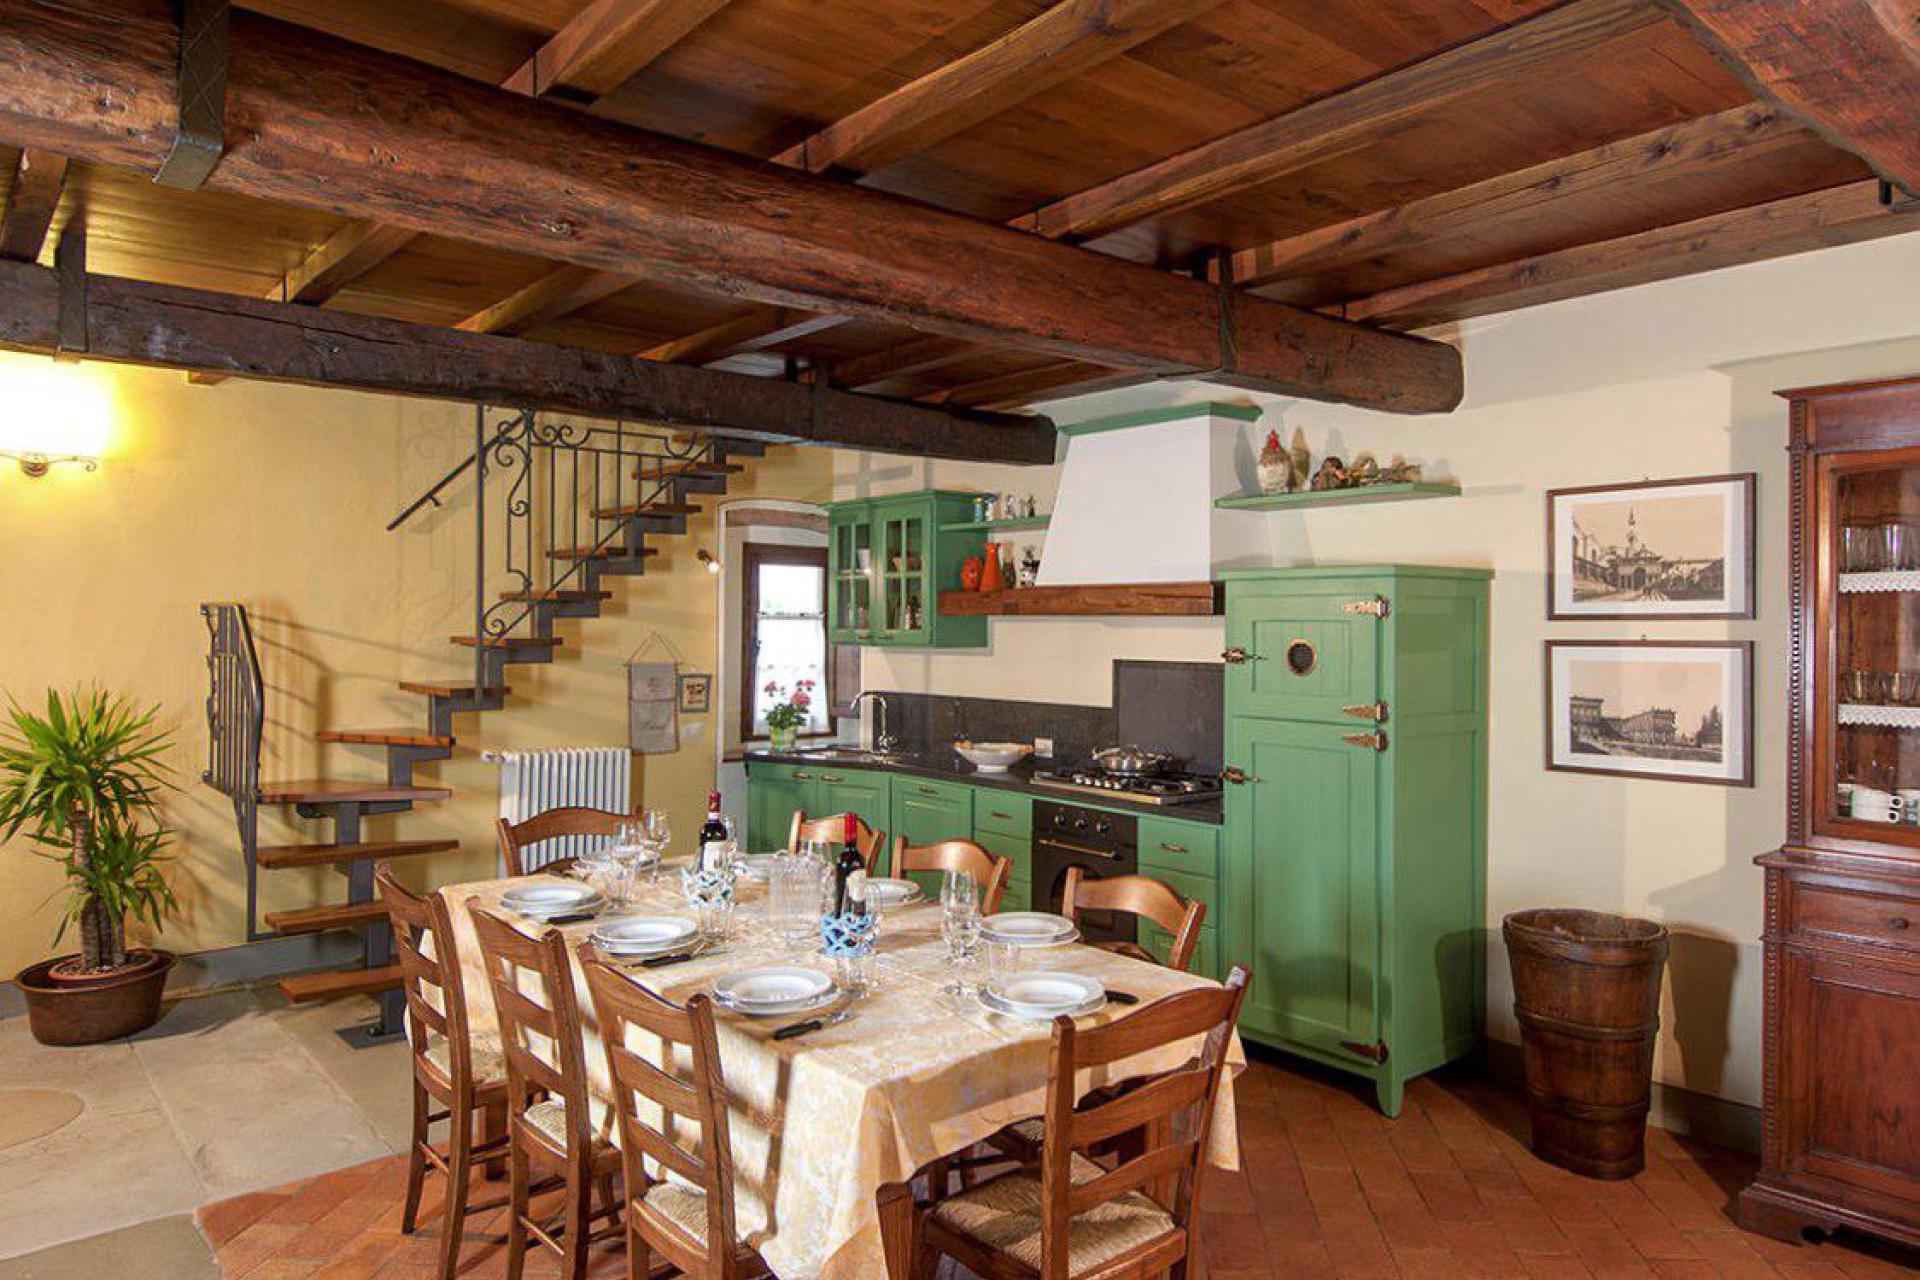 Agriturismo Toscana Agriturismo tranquillo in Toscana con proprietari amichevoli